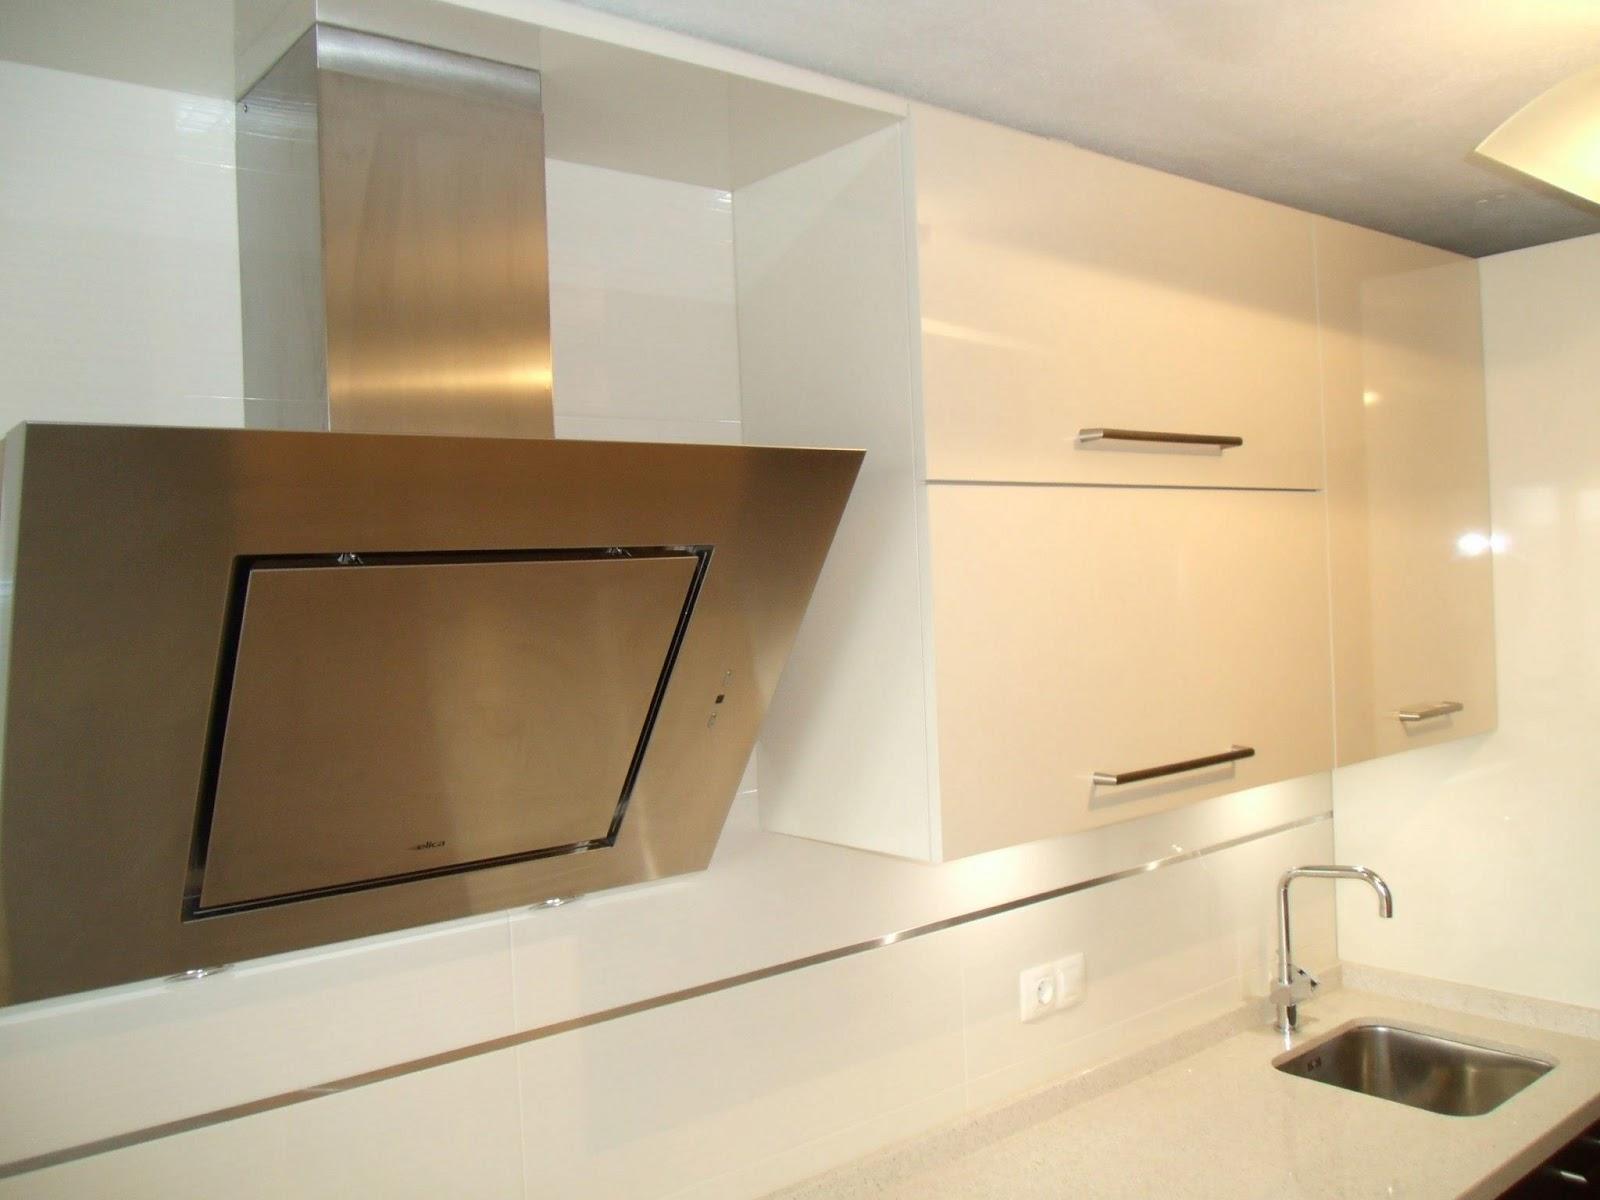 Reformar la cocina cocinas cjr for Muebles de cocina hasta el techo